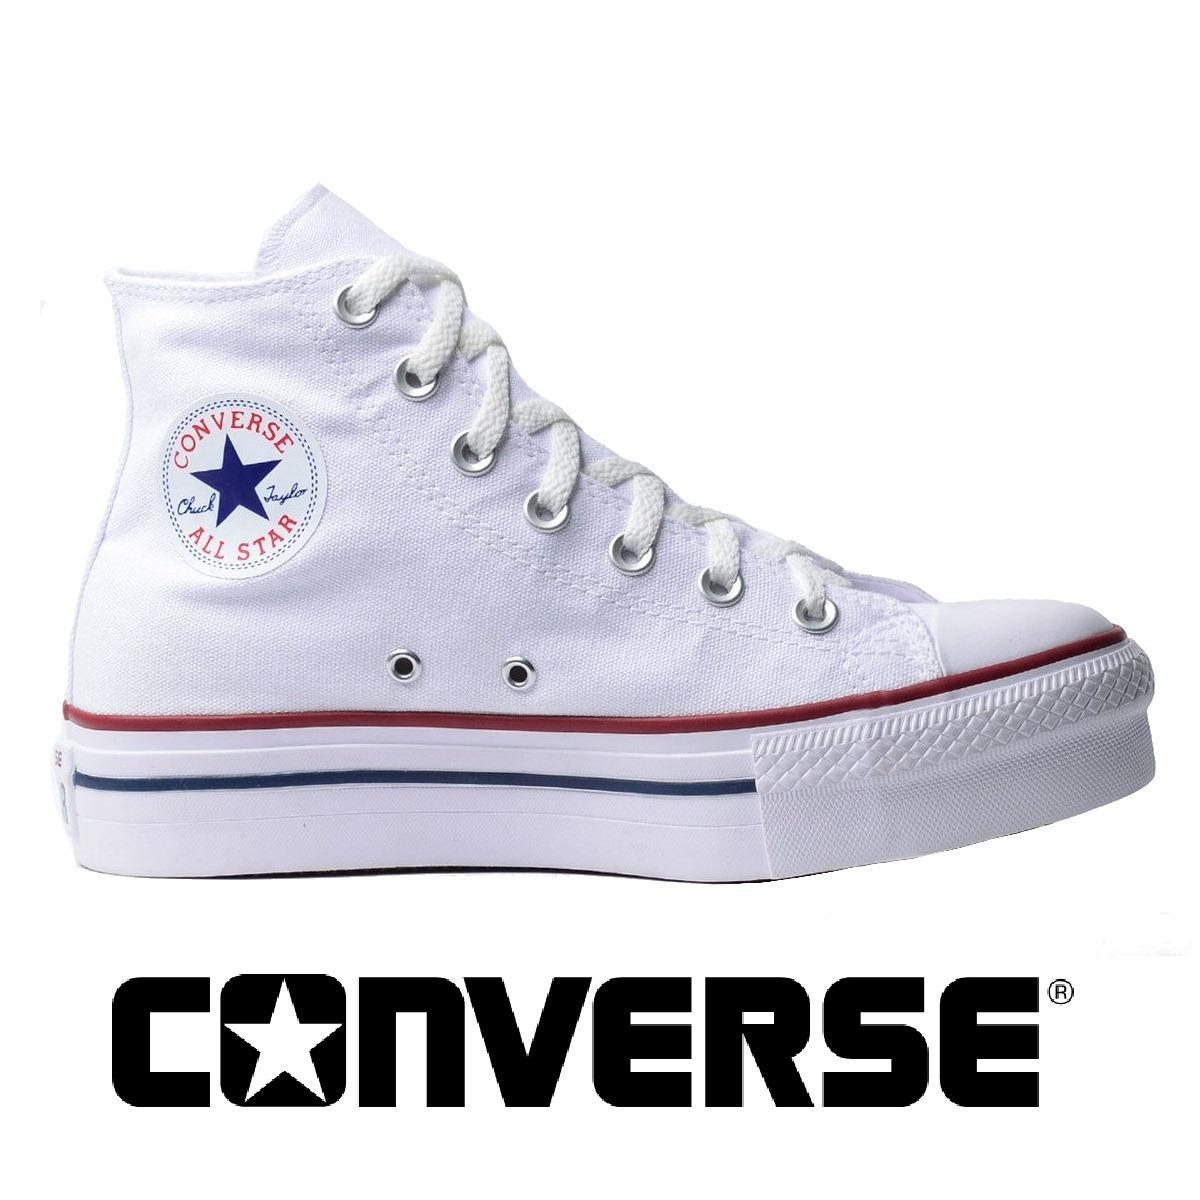 tênis converse all-star platform hi branco ct04940003. Carregando zoom. 63c49b1d4e7e6